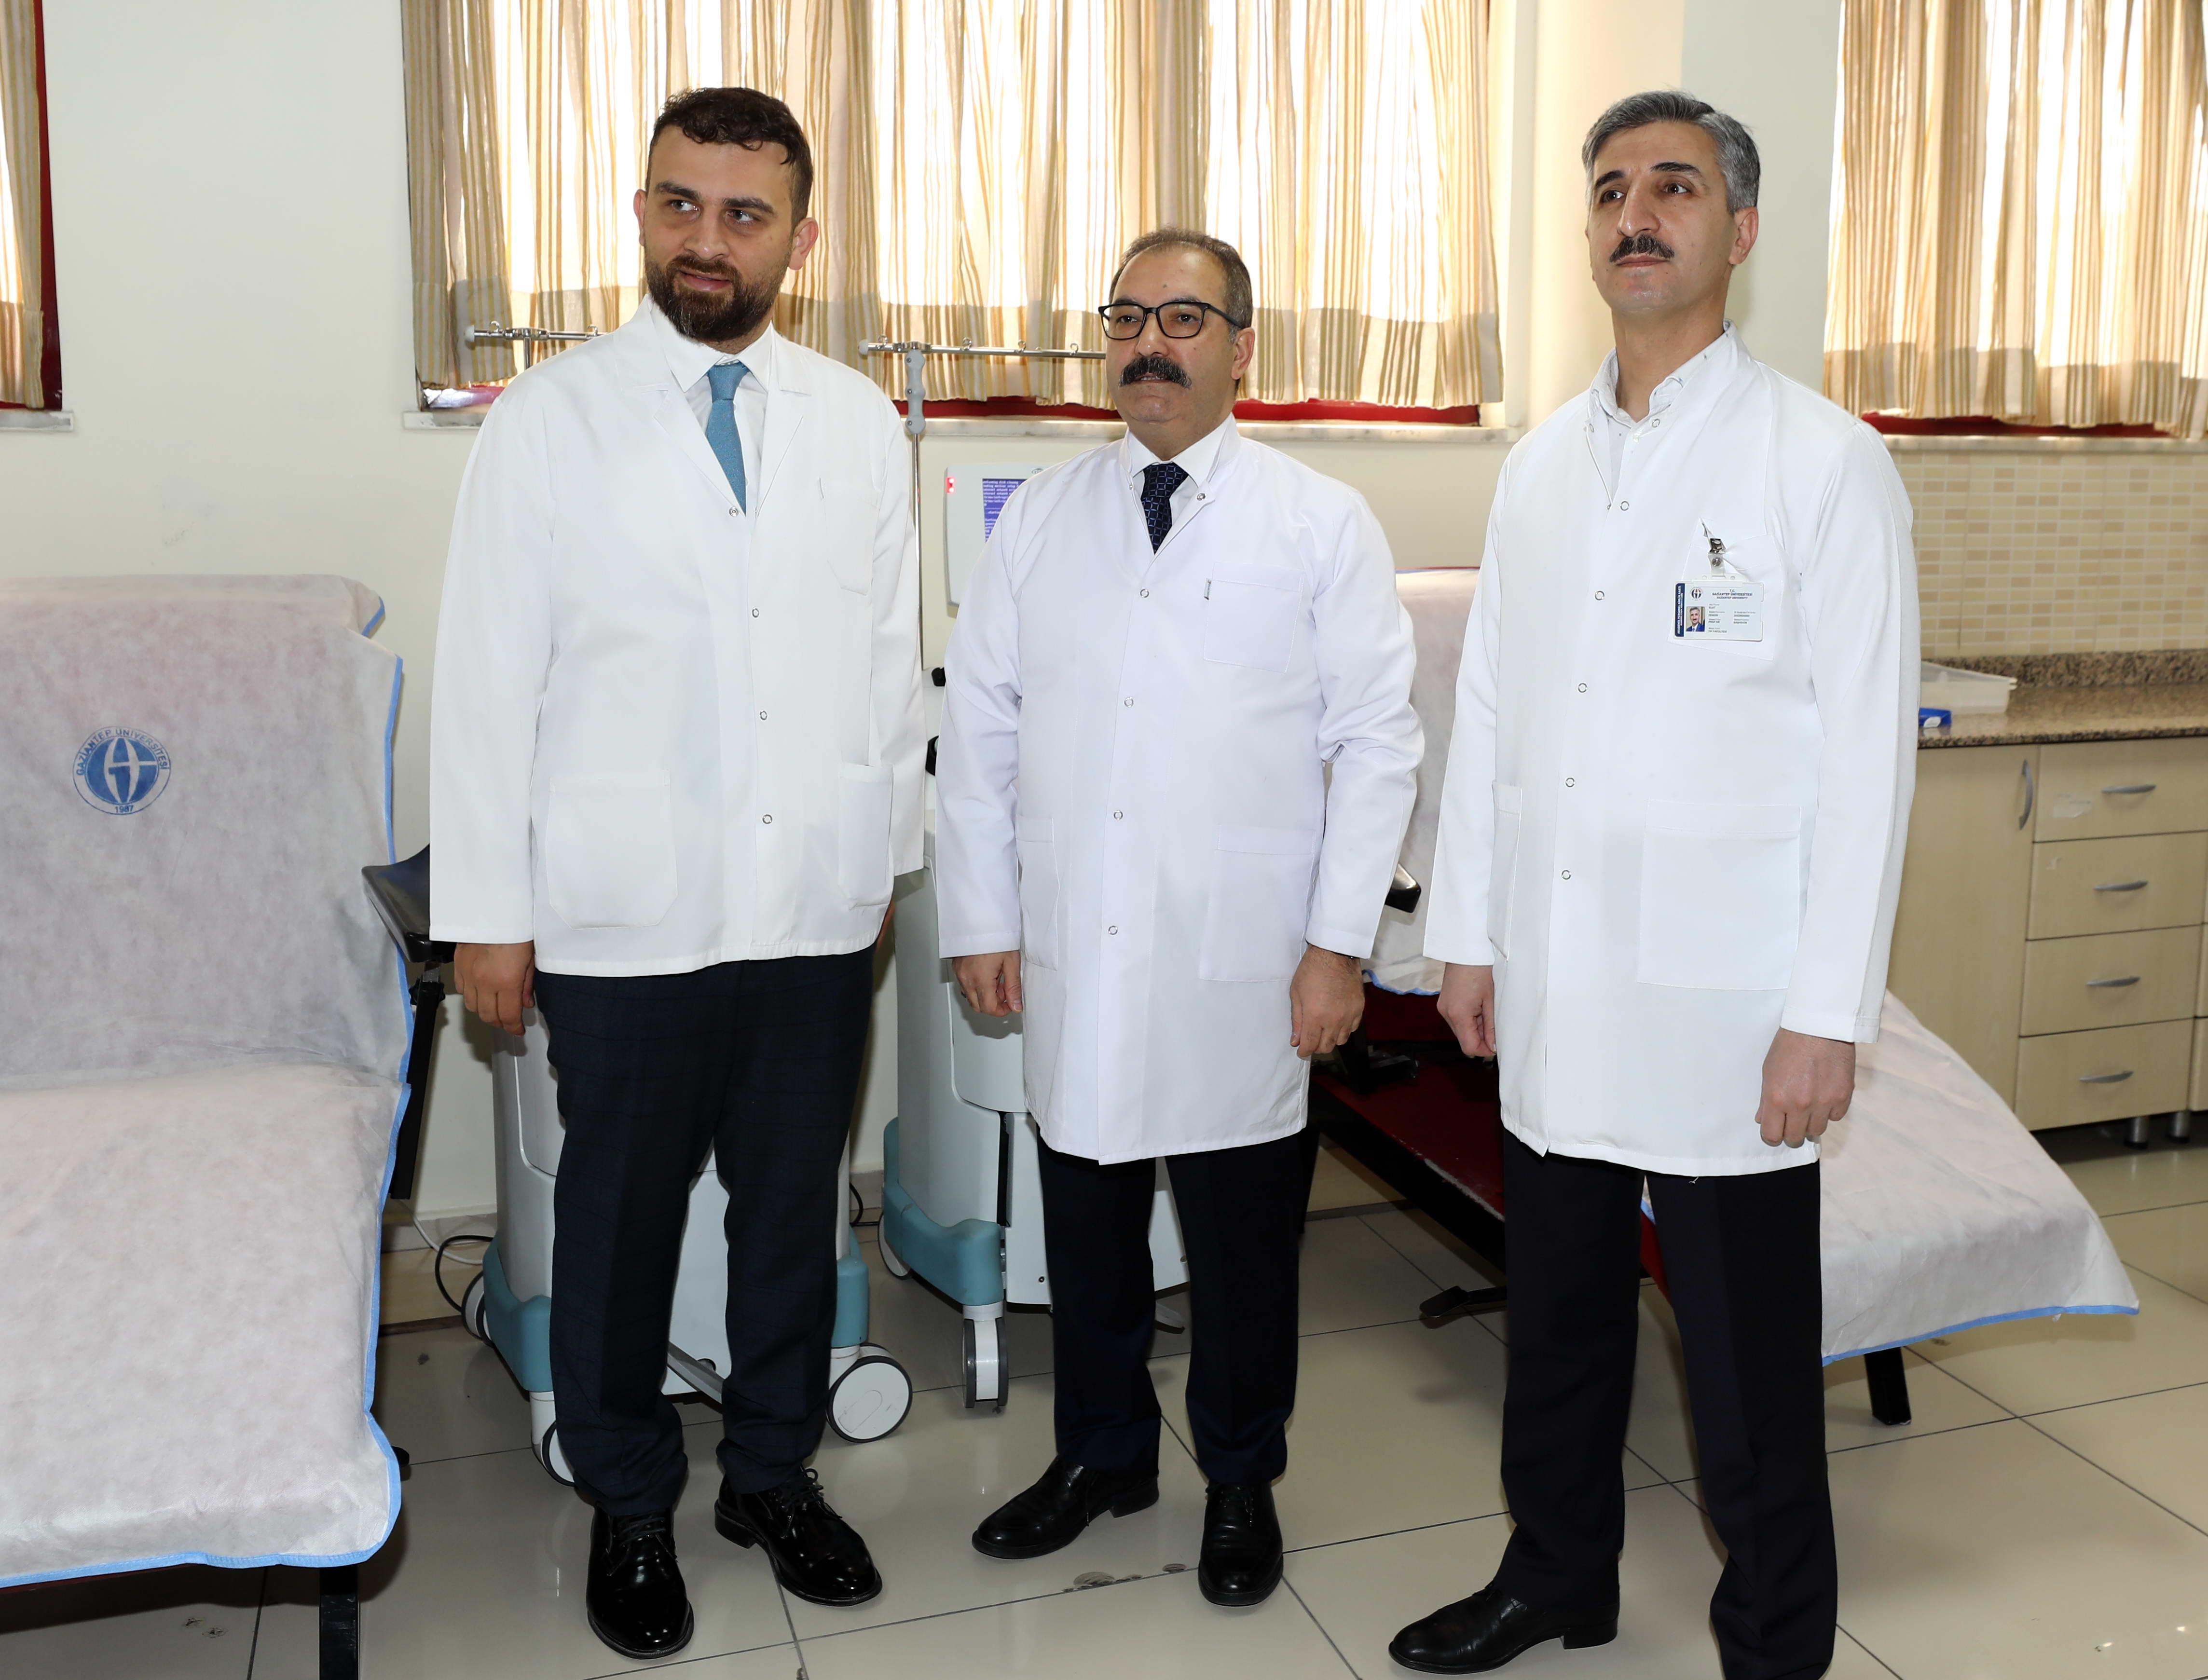 Gaziantep Üniversitesi'nden müthiş Covid-19 tedavi yöntemi -  (1)